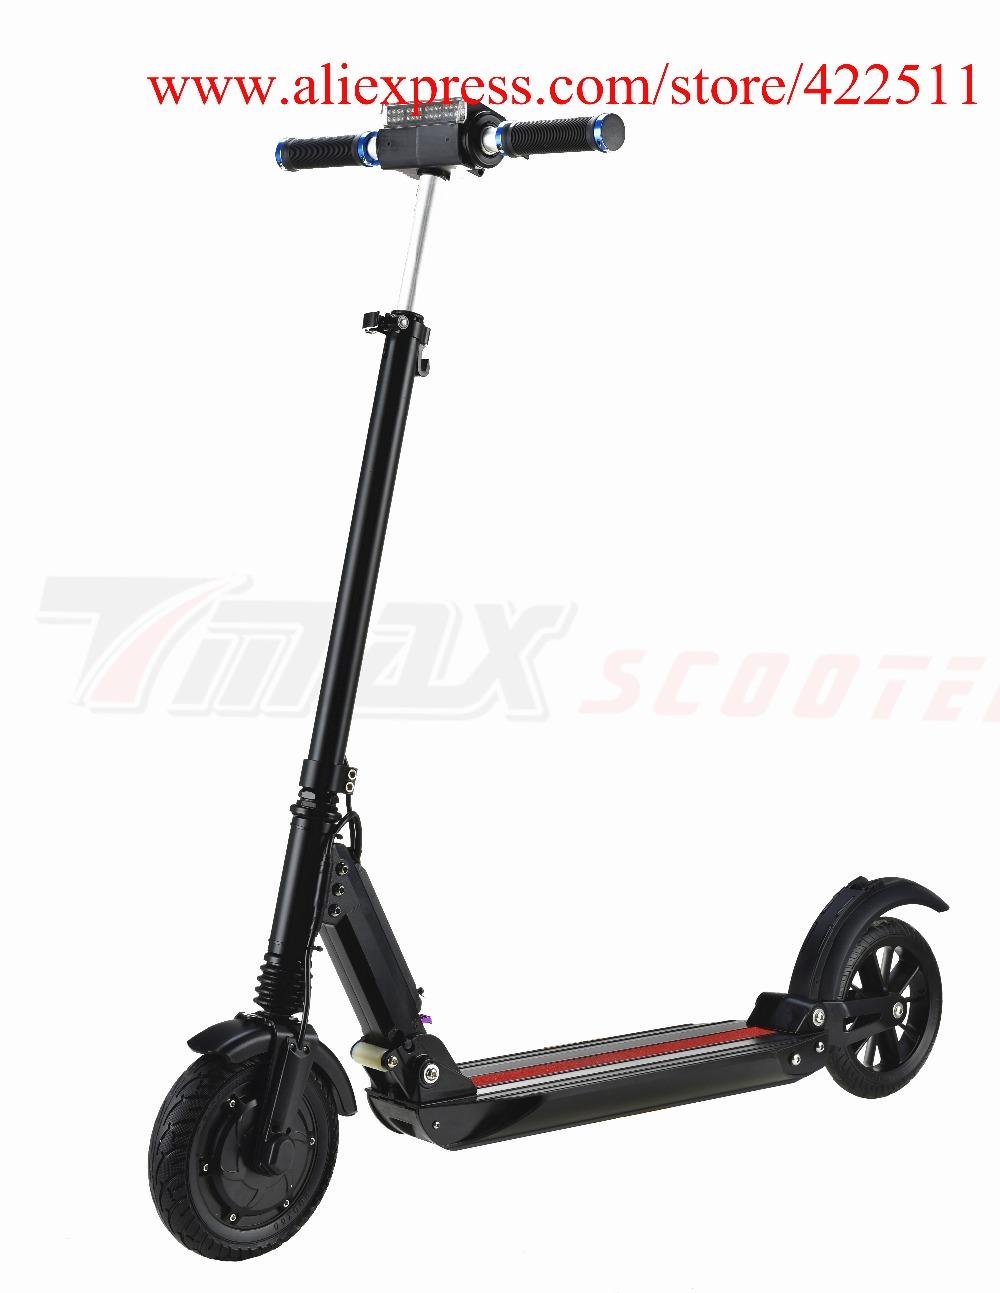 nouveau populaire v lectrique scooter roues lectrique debout scooter pliable